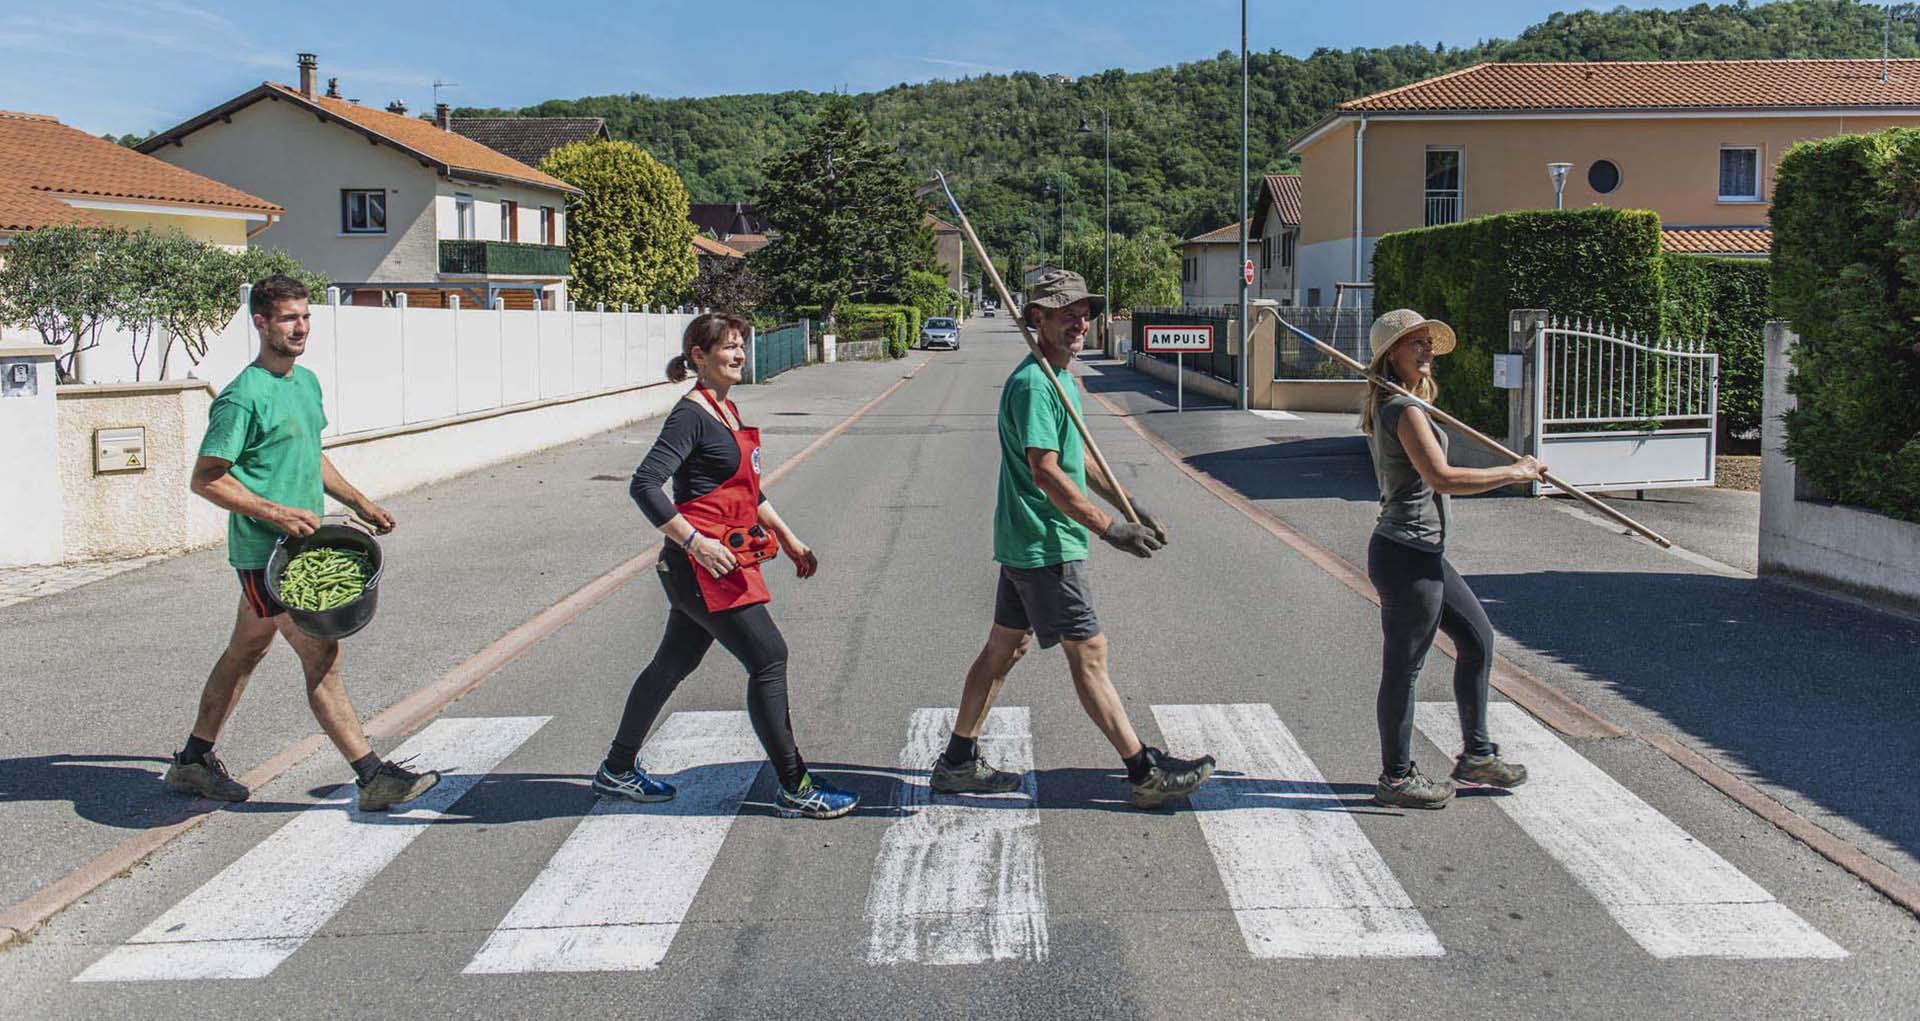 Abbey Road_Les jardins de la côte rôtie